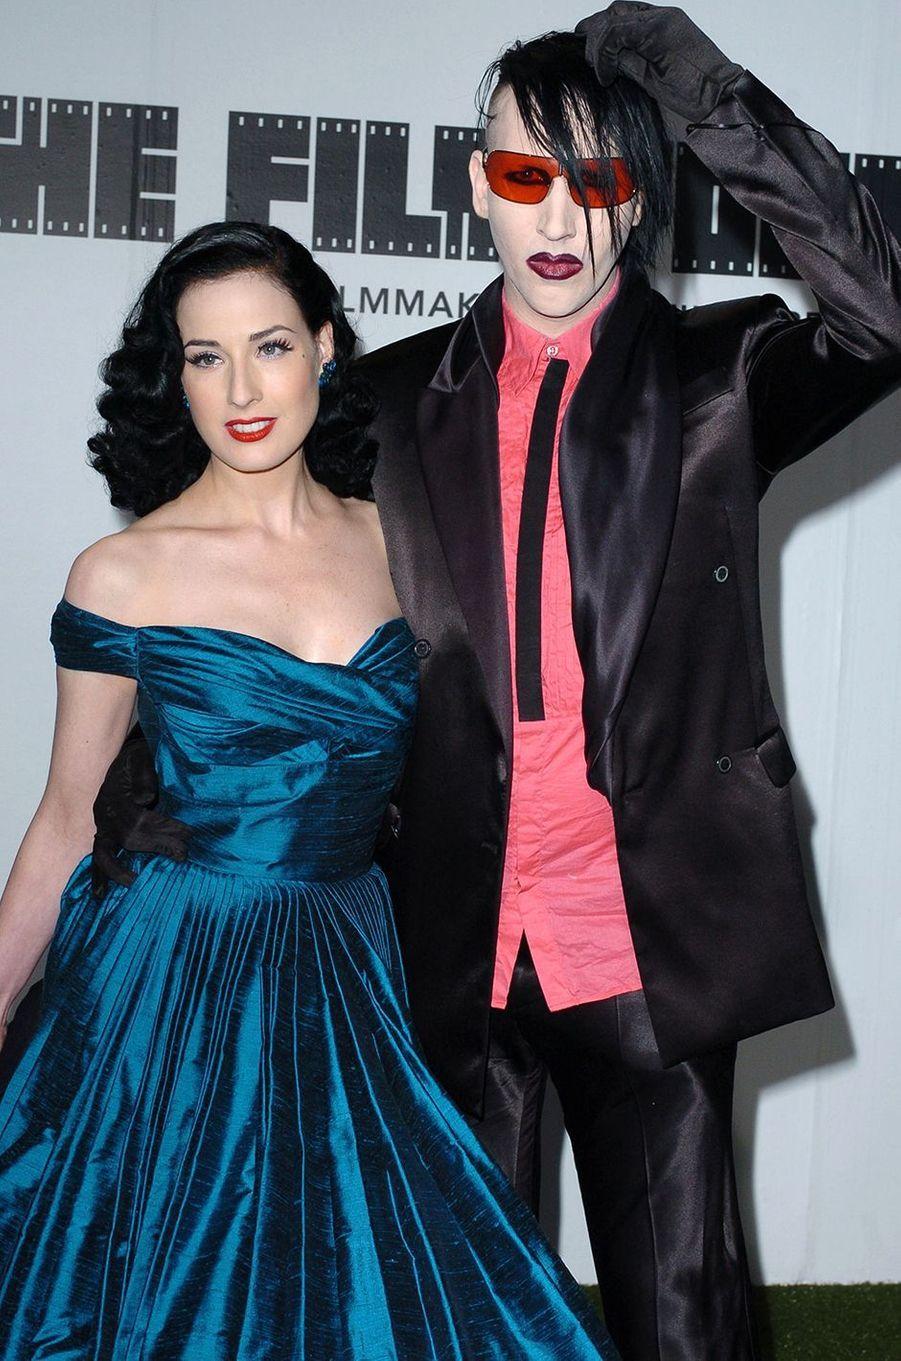 Dita Von Teese et Marilyn Manson lors d'une présentation de la maison Marc Jacobs à New York en mars 2005